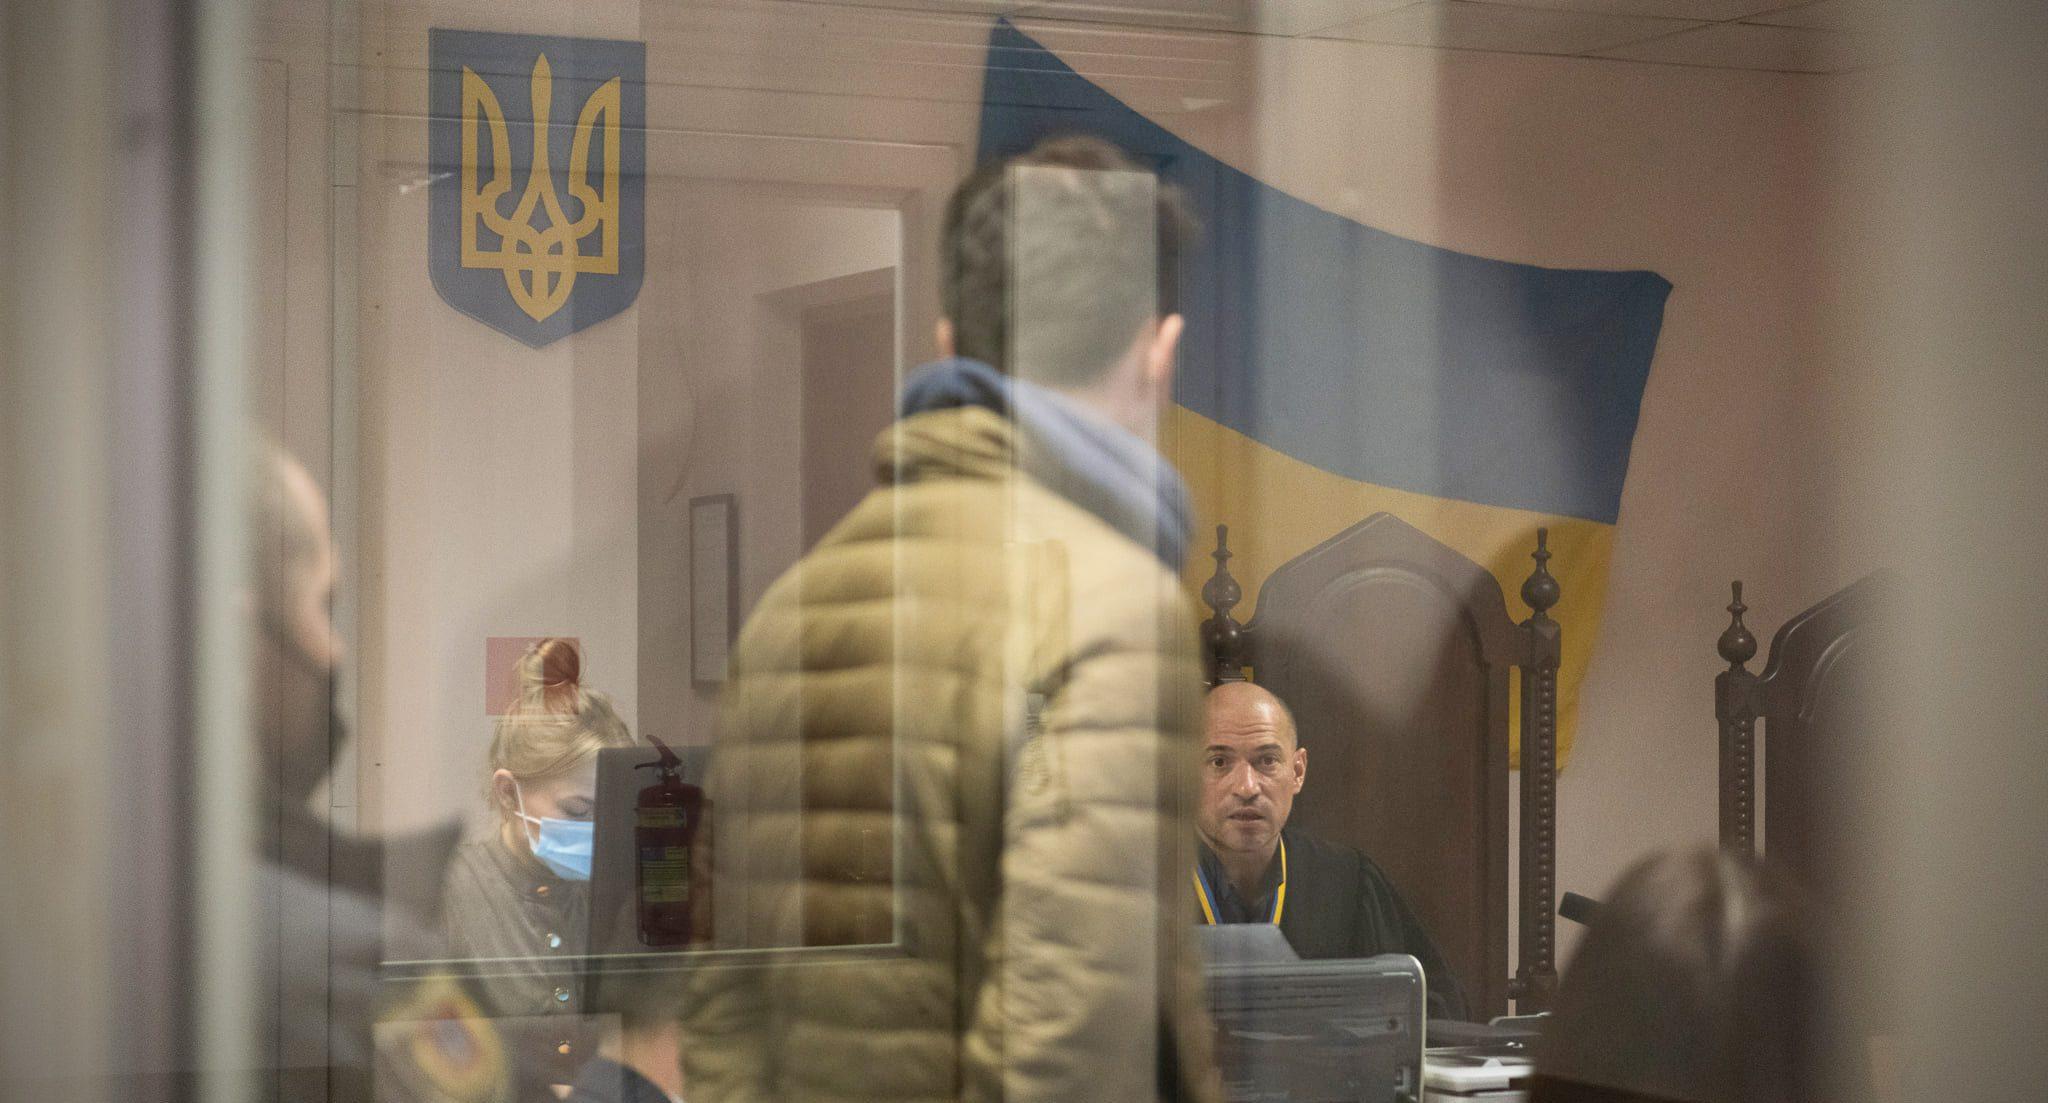 Фотографа Нікіфорова помістили під цілодобовий домашній арешт. Цього вимагало обвинувачення в апеляції